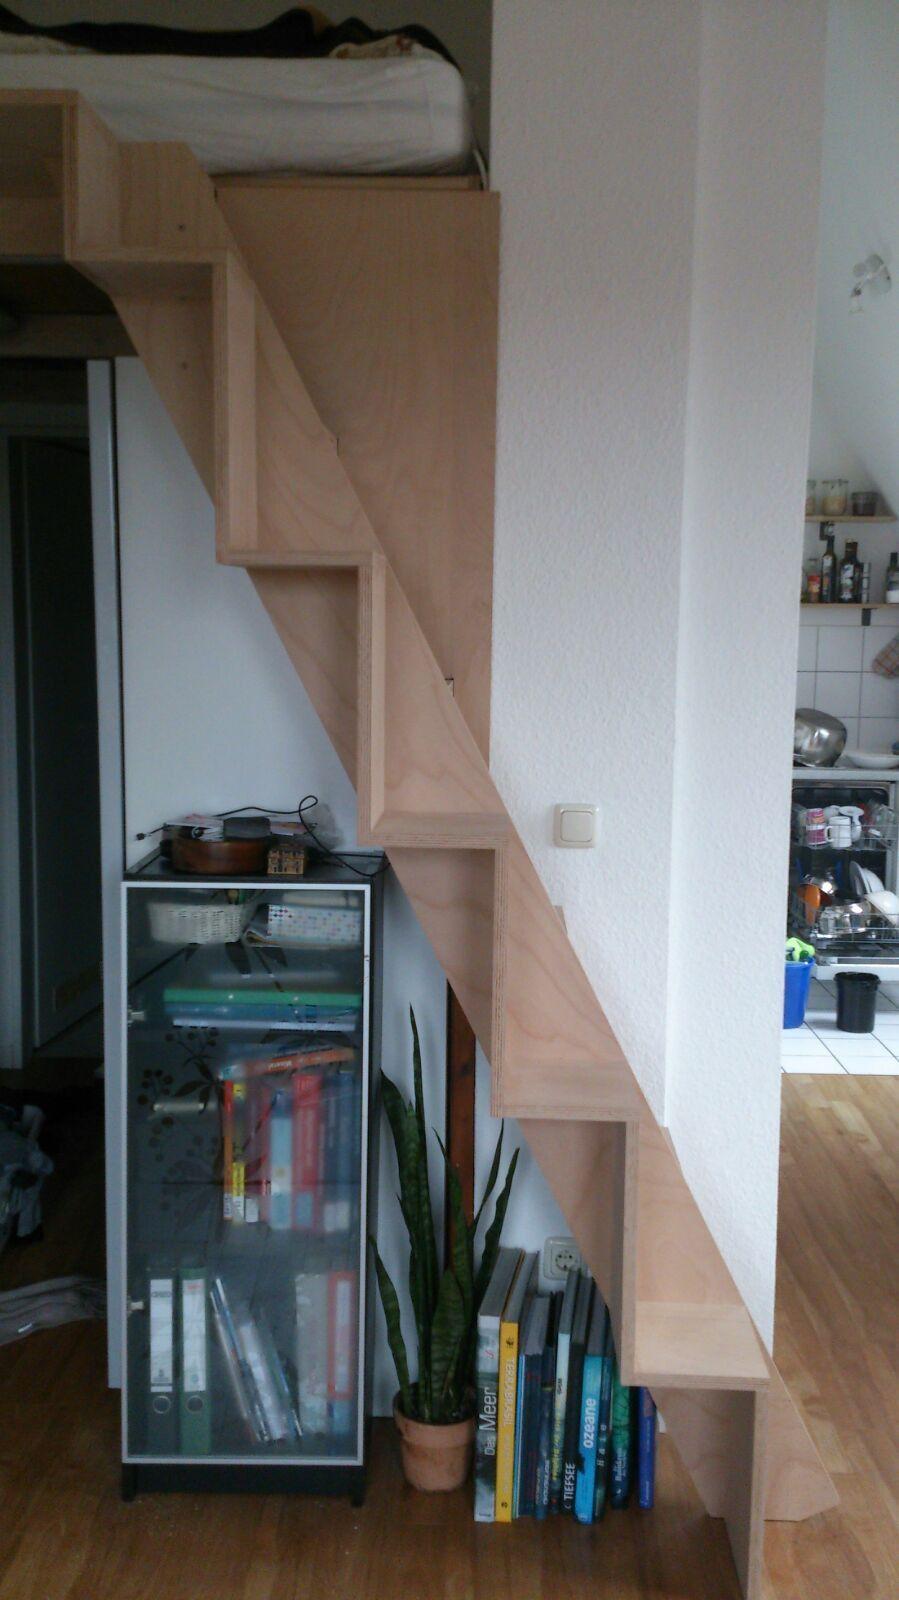 samba treppe - auf zum neuem hochbett | erste eigene wohnung, Wohnzimmer dekoo